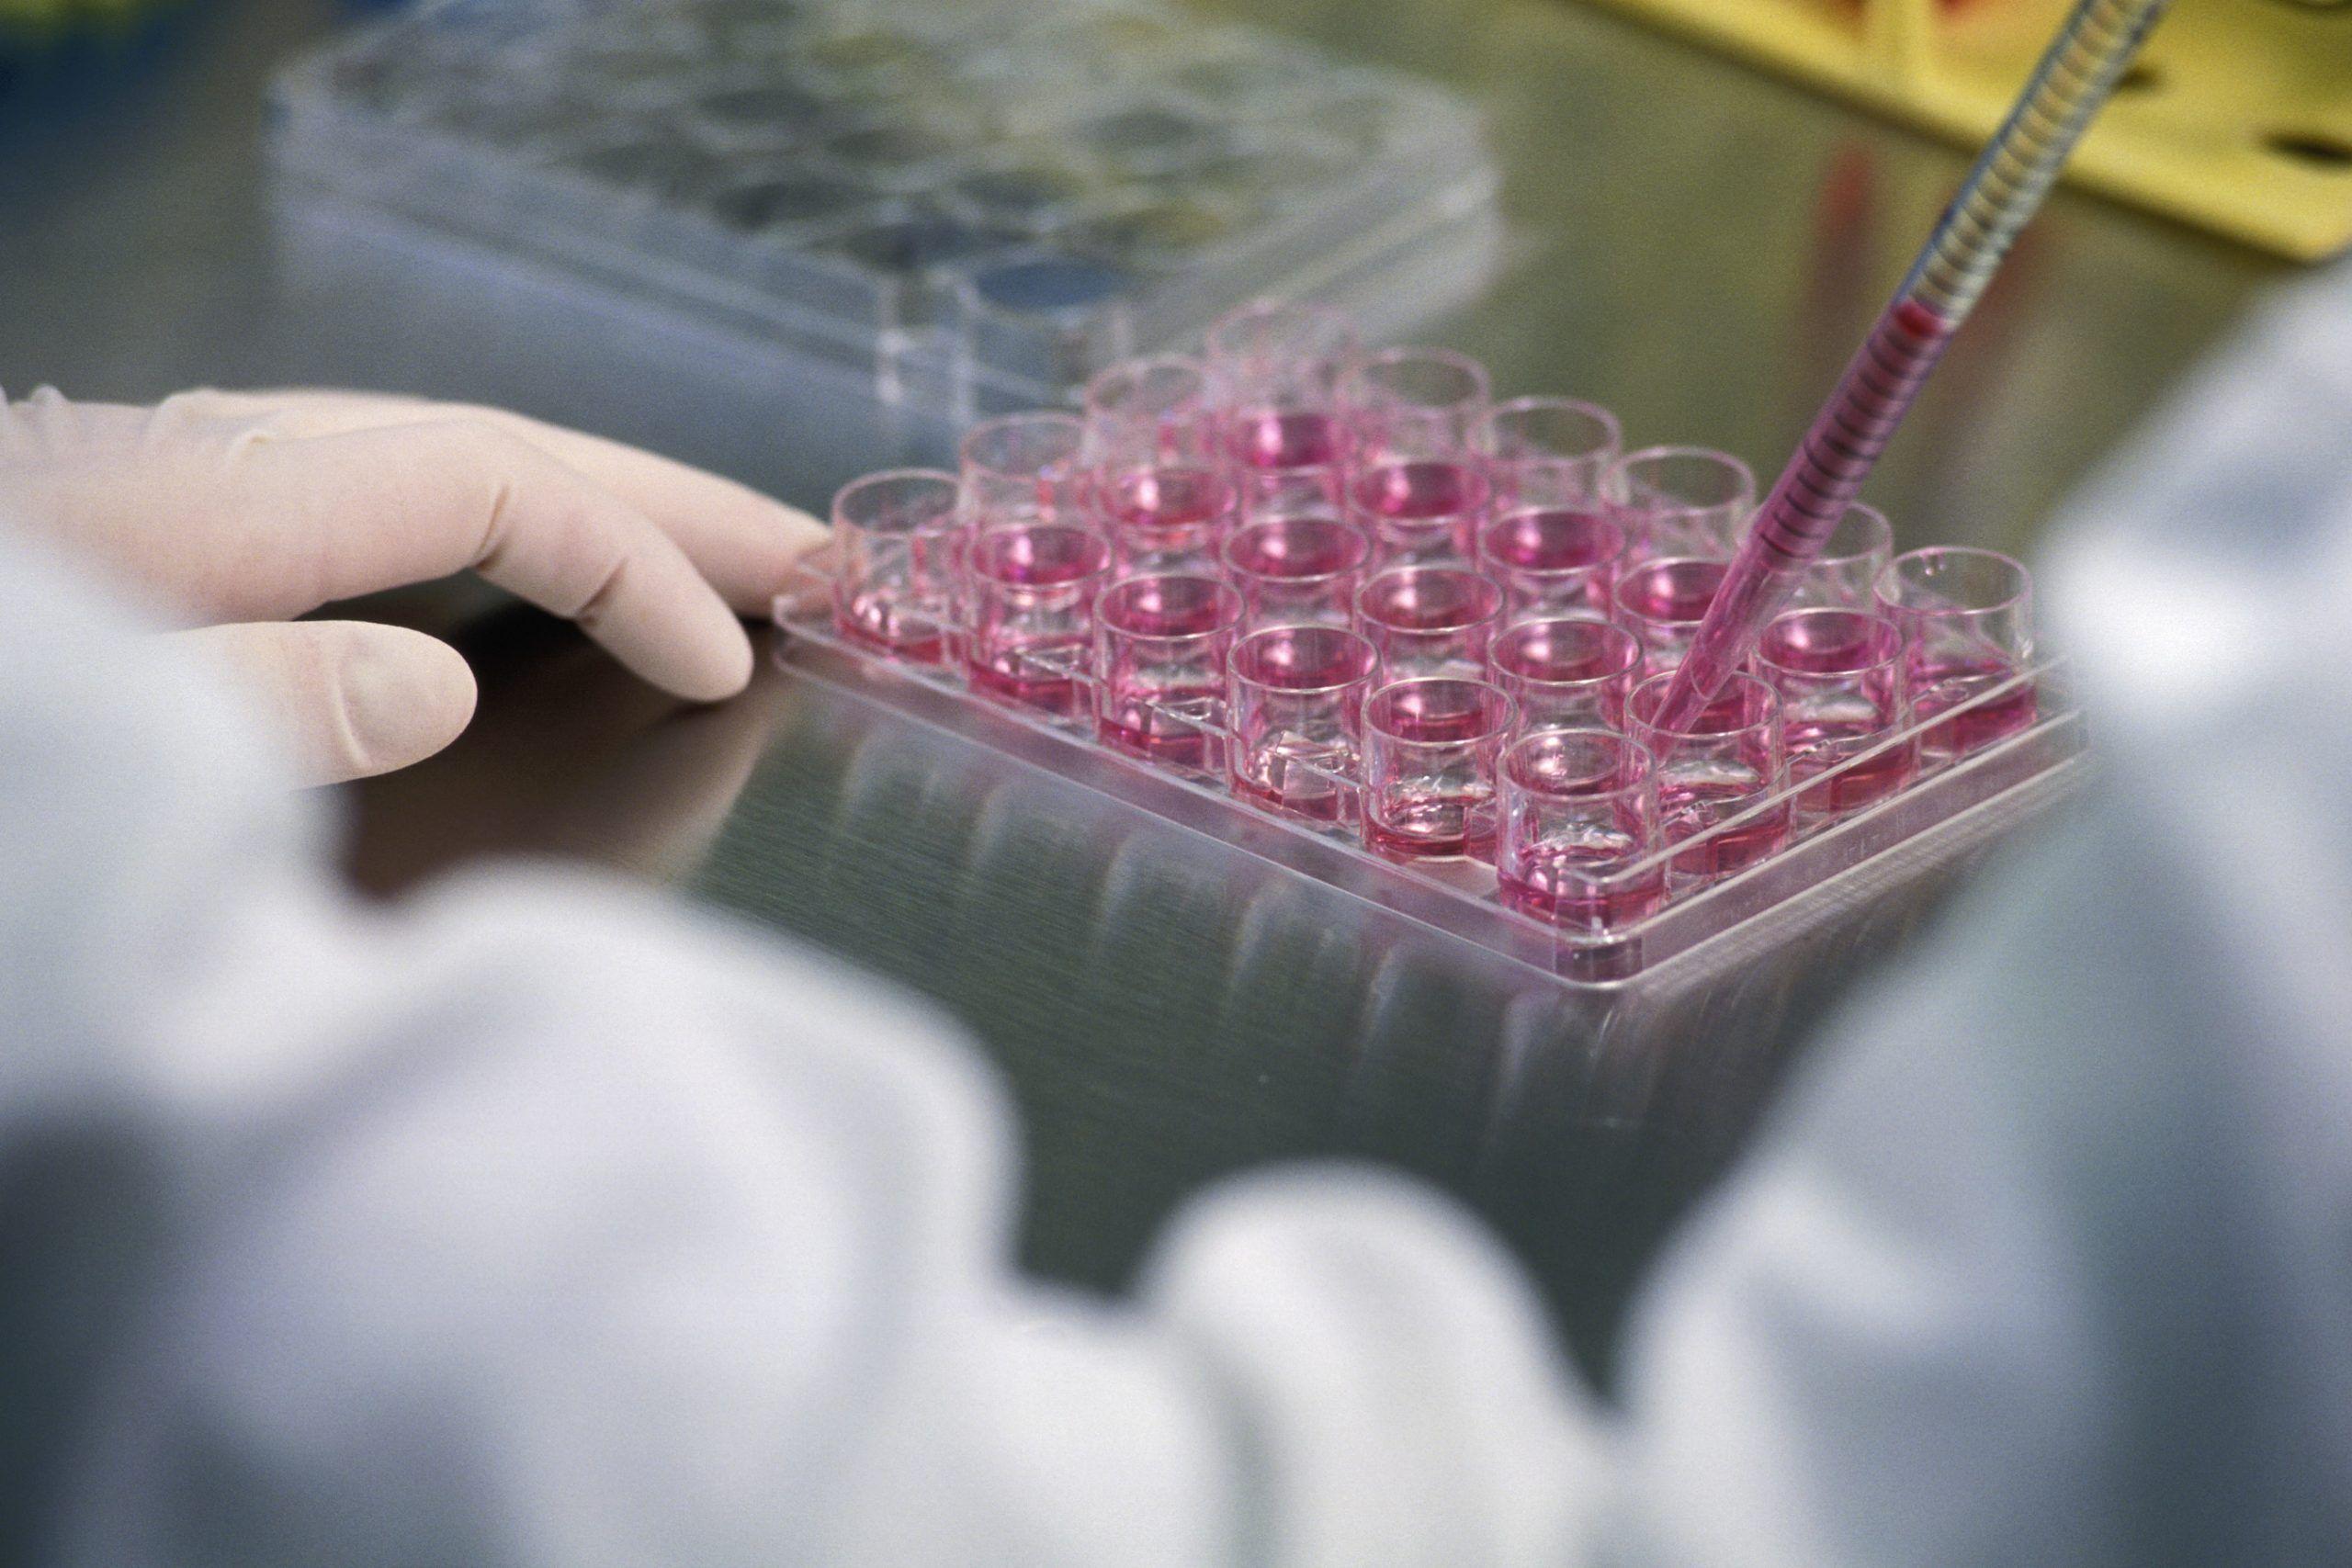 Legge 40: sì alla fecondazione assistita per coppie portatrici di patologie genetiche